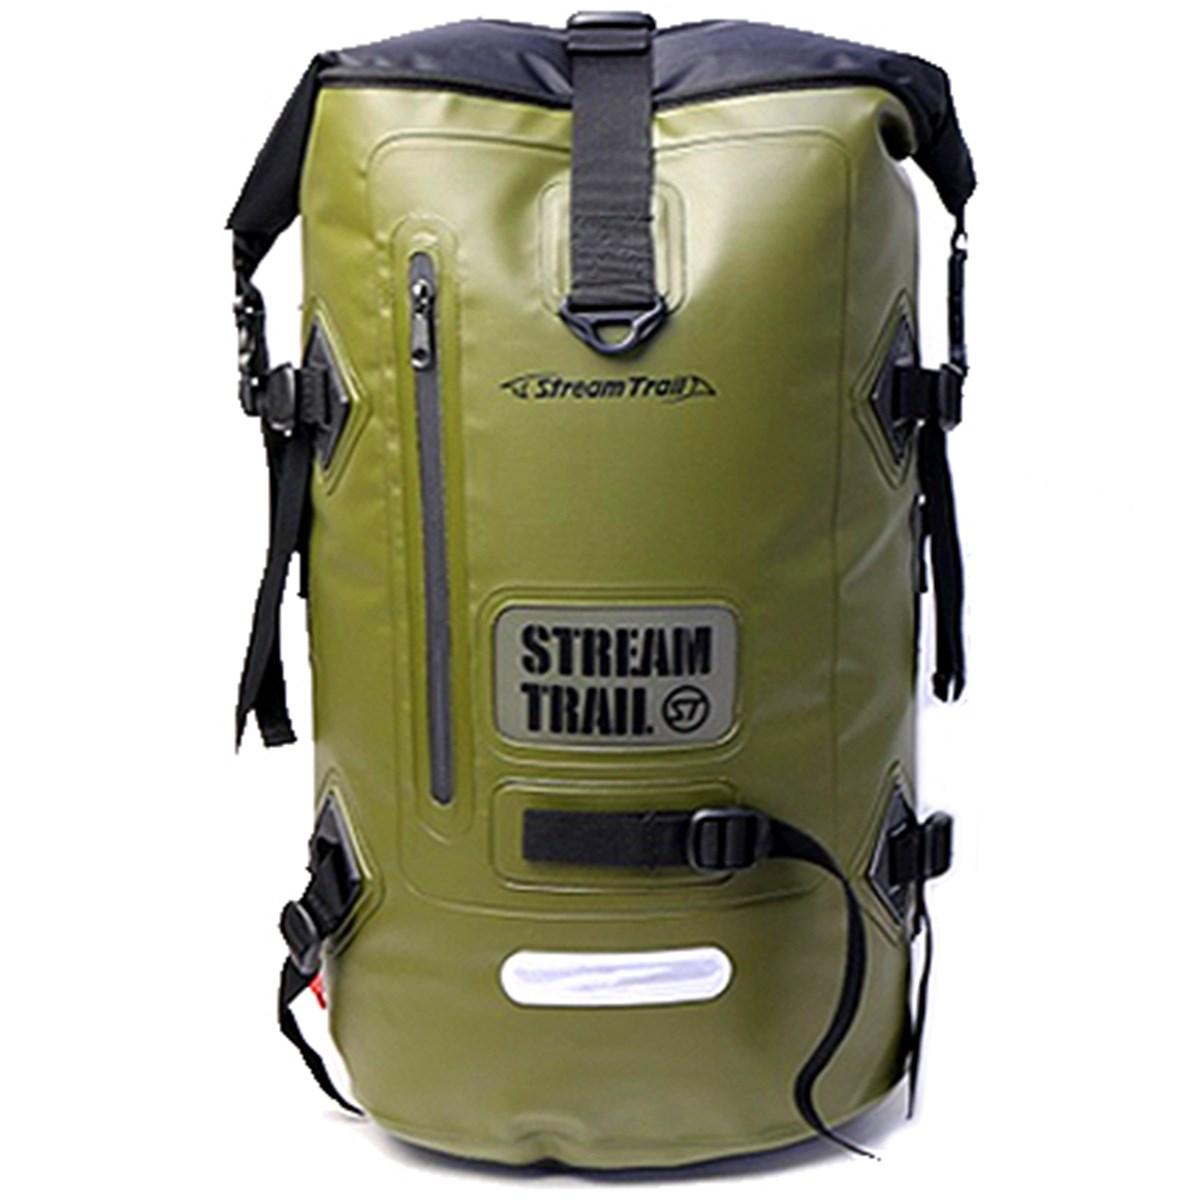 ストリームトレイル Stream Trail DRY TANK-40L D2 バックパック オリーブドラブ